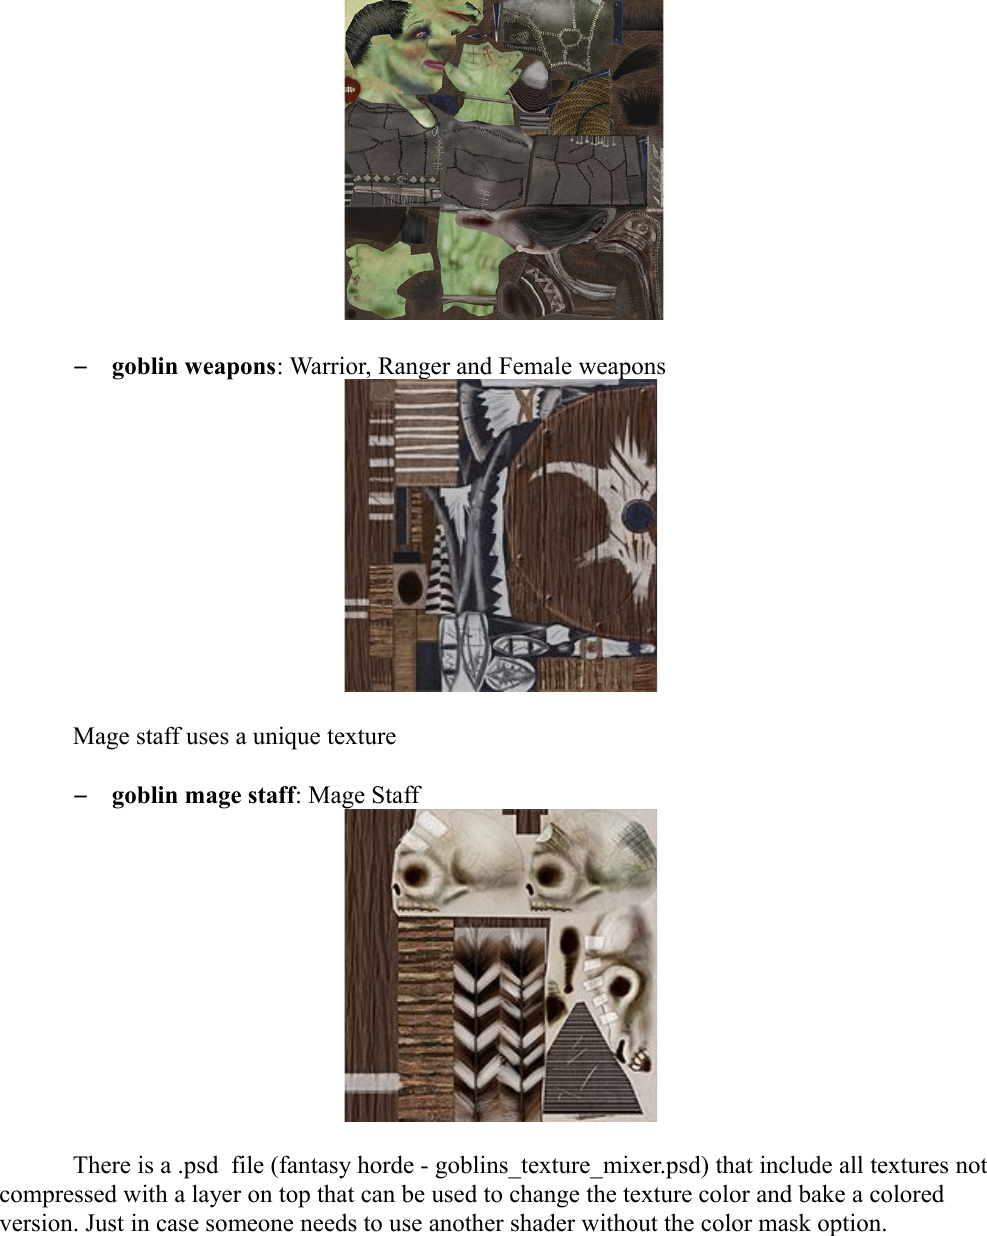 Fantasy Horde Goblin Instructions